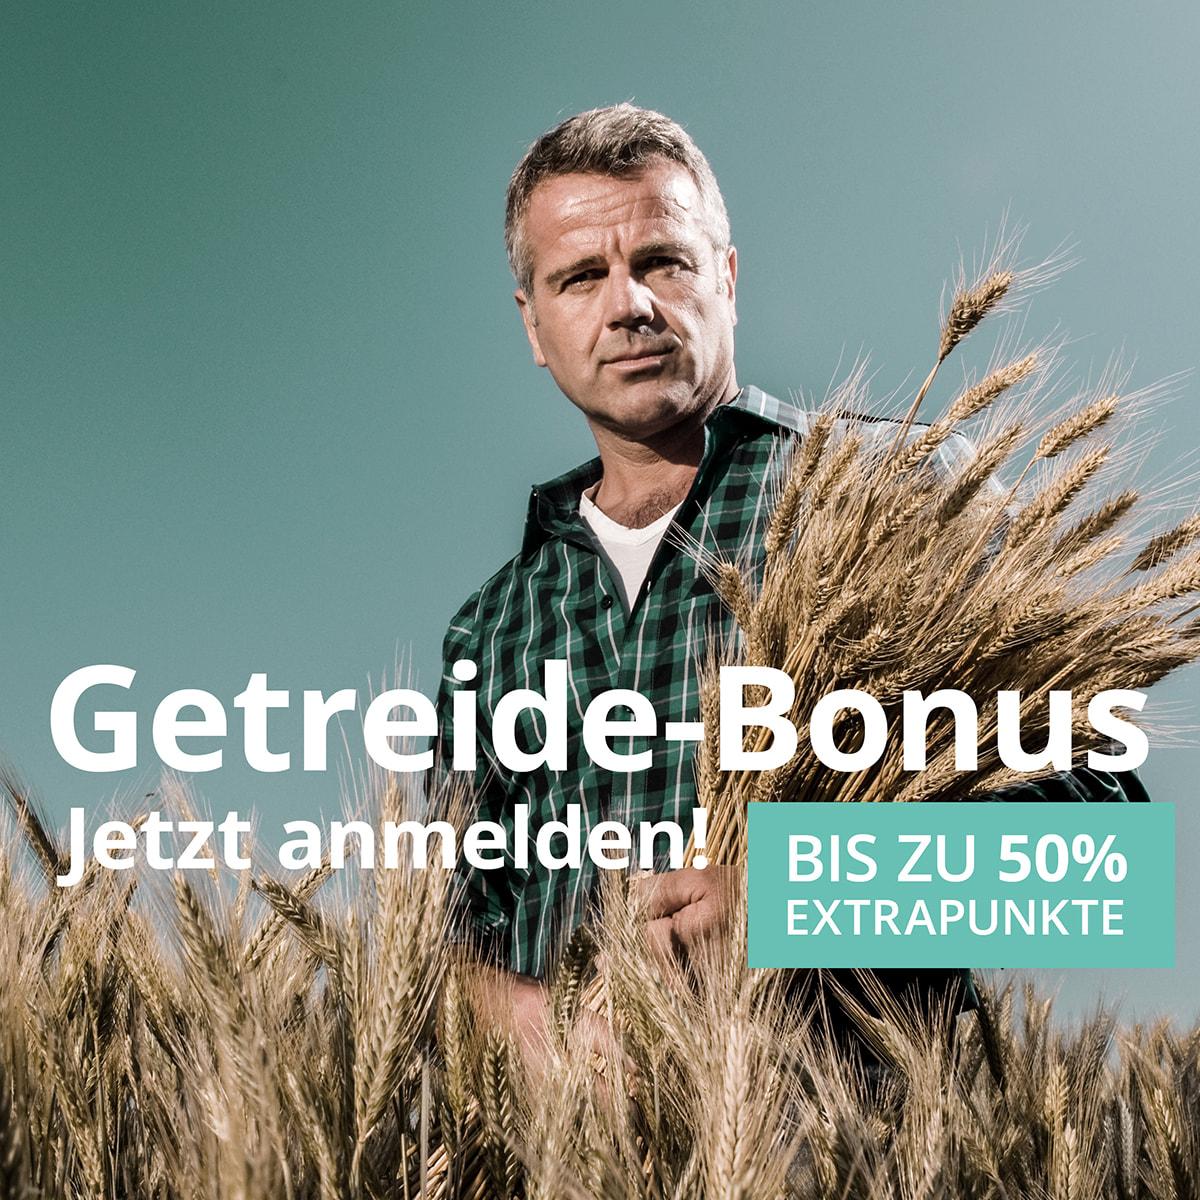 """Mit Syngenta Produkten <span class=""""accent"""">erfolgreich Getreide anbauen.</span>"""